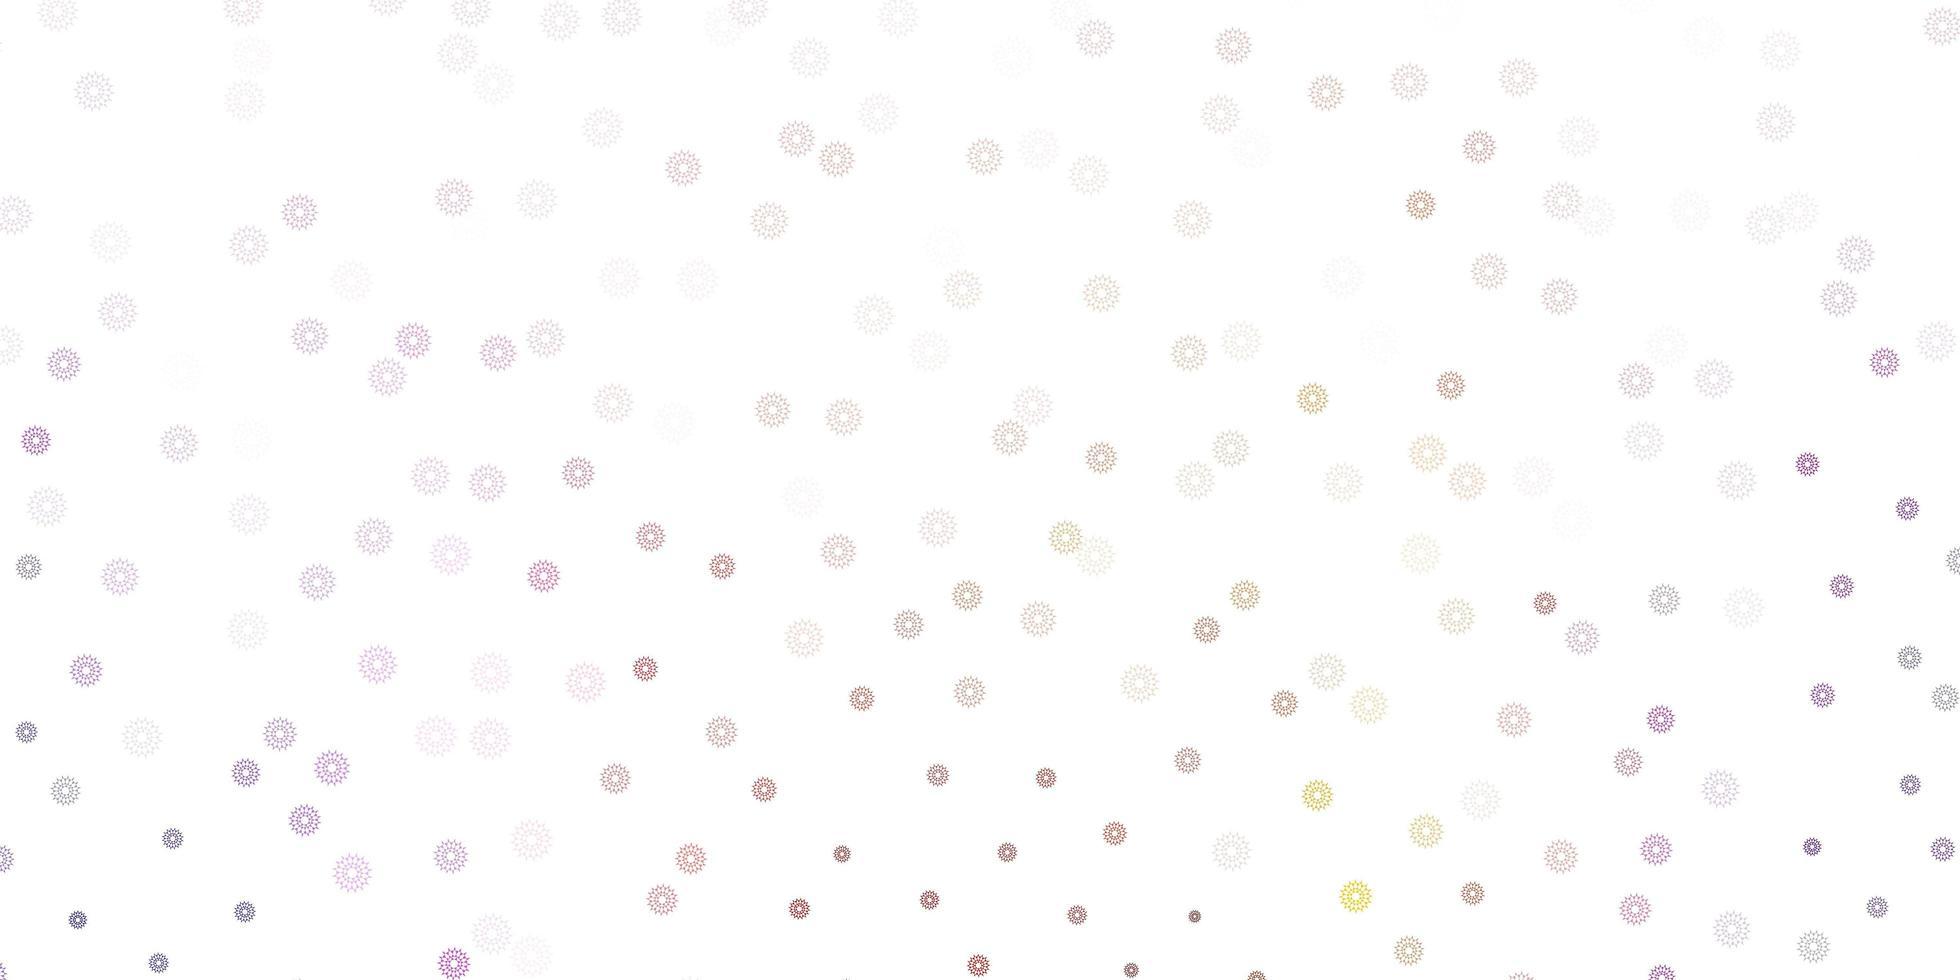 natürliche Kunst des hellvioletten, rosa Vektors mit Blumen. vektor